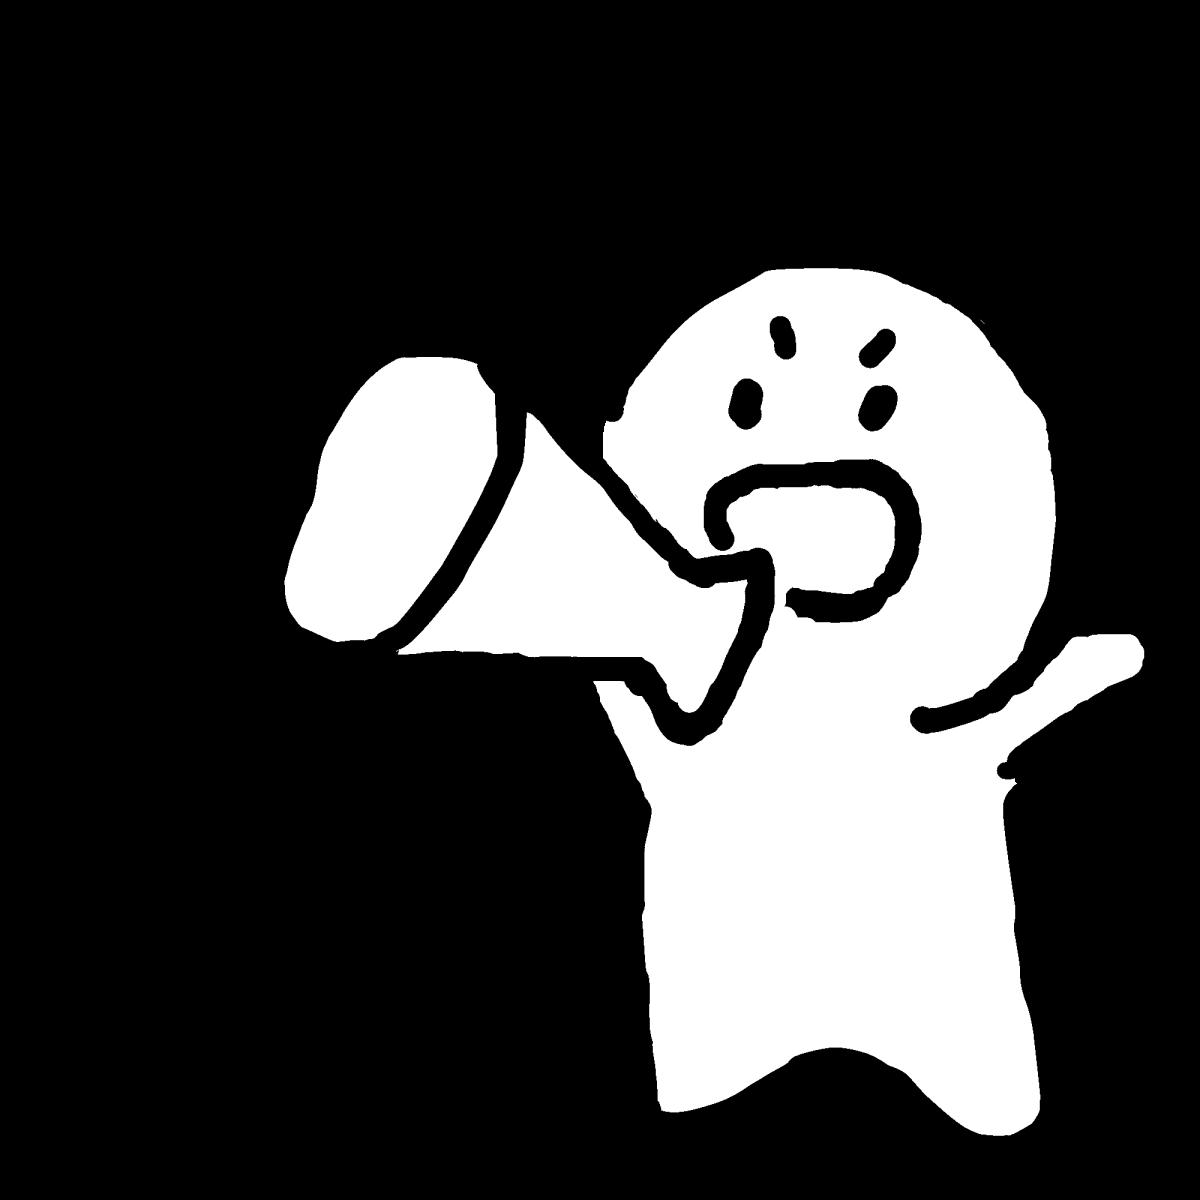 メガホンを持って叫ぶのイラスト / shout with a megaphone Illustration